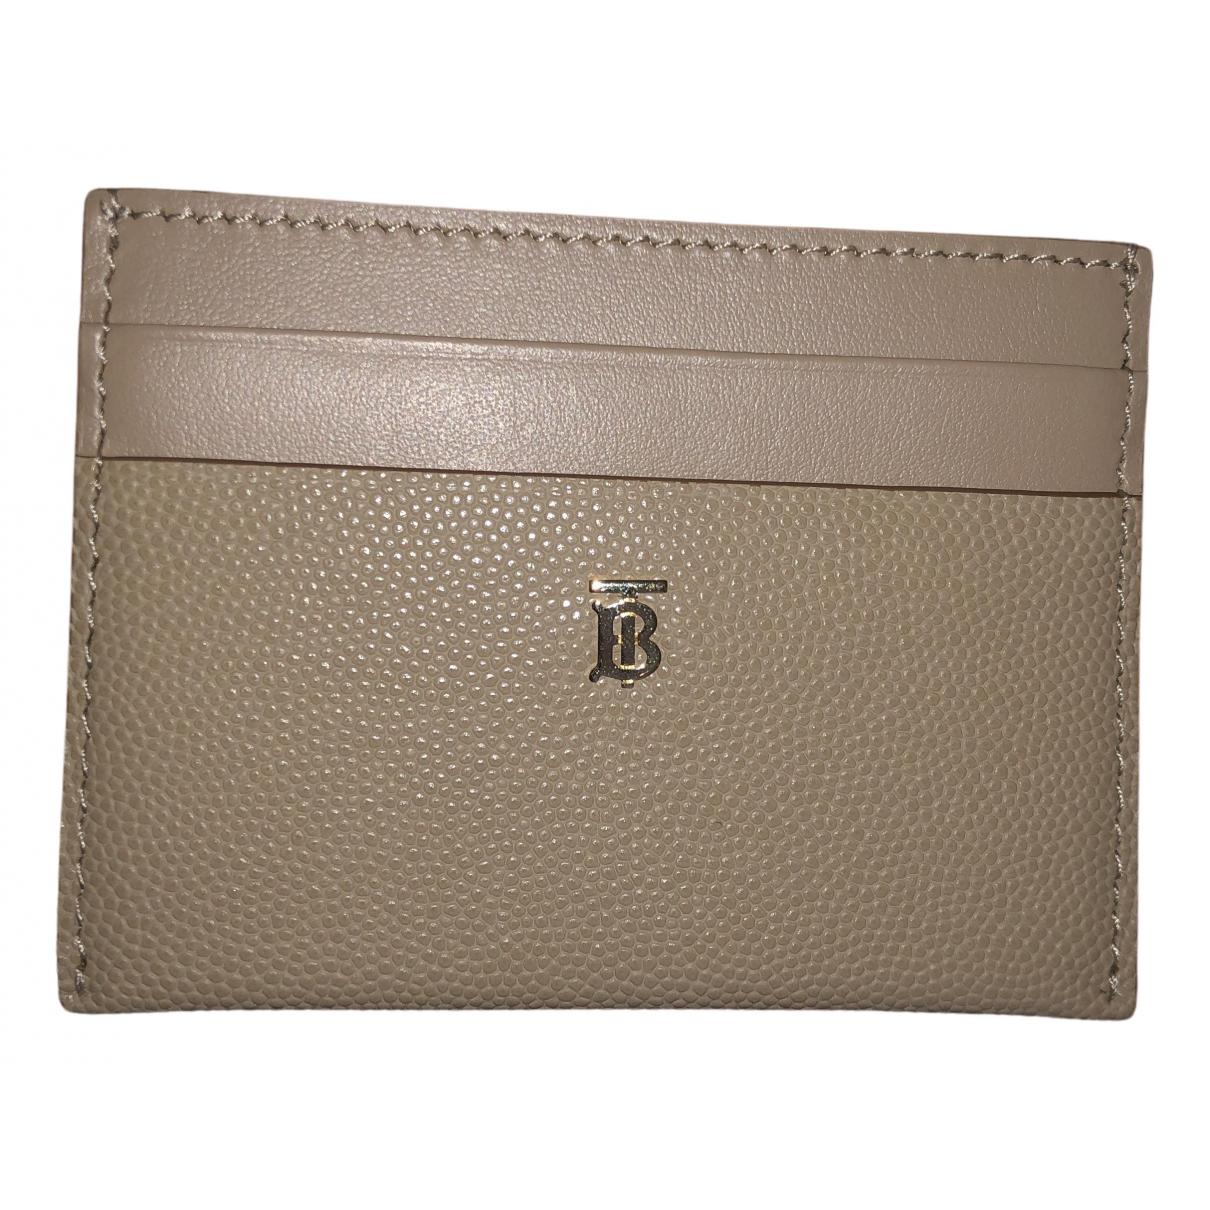 Burberry - Portefeuille   pour femme en cuir - beige